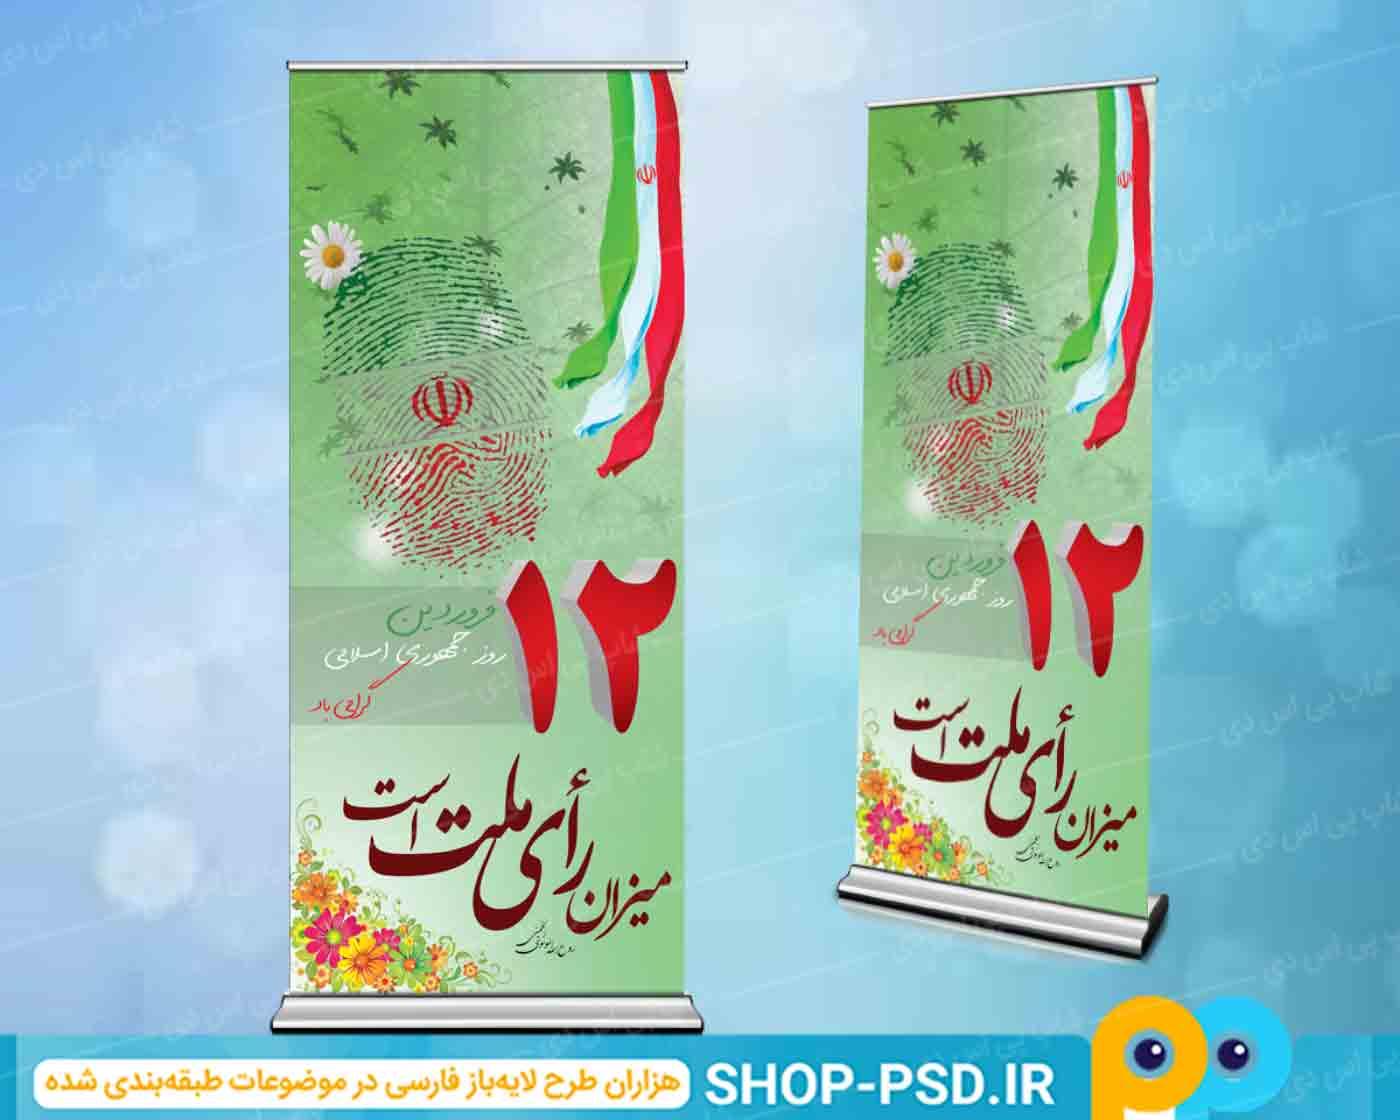 بنر 12 فروردین روز جمهوری اسلامی ایران